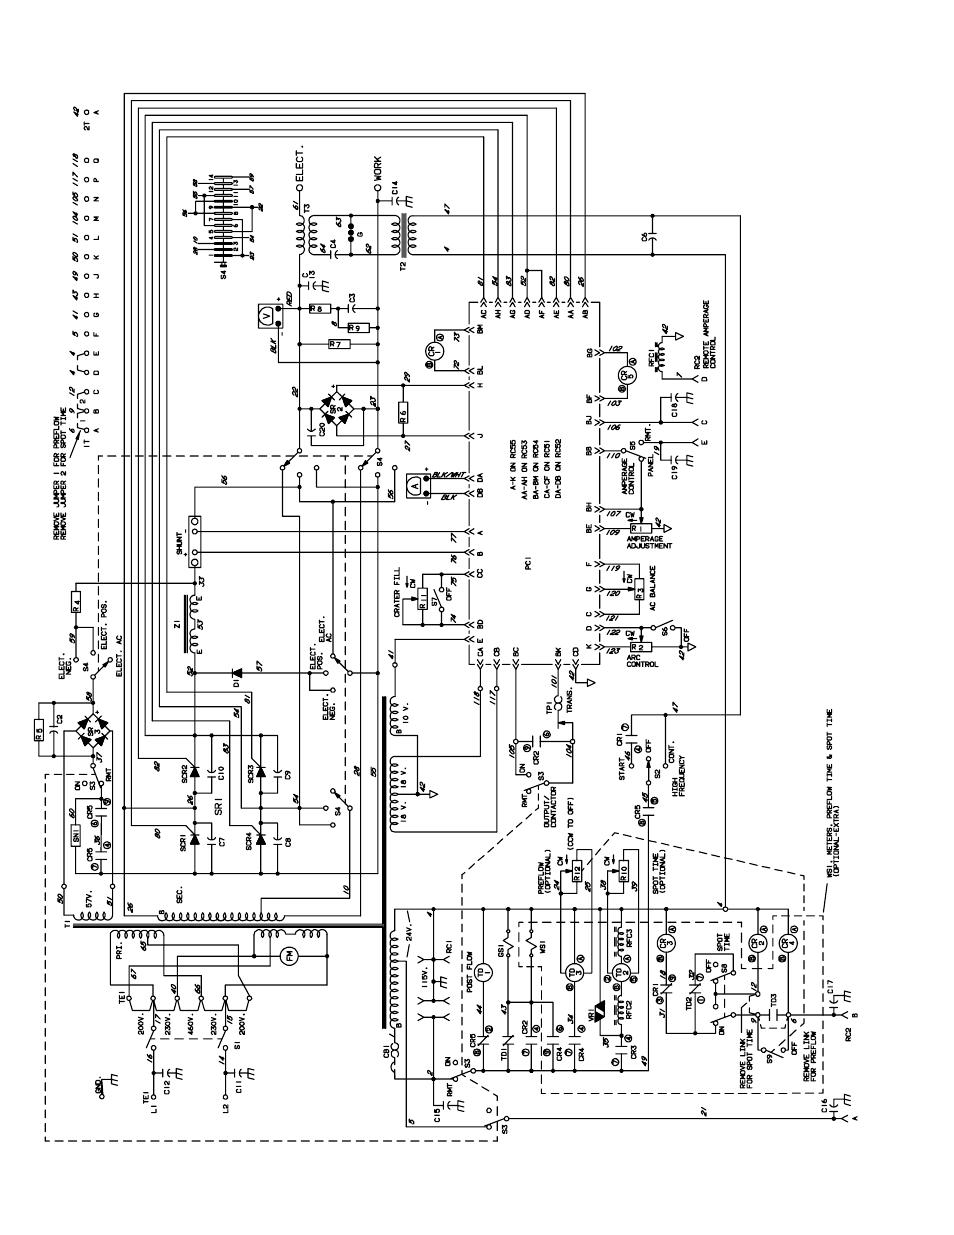 [DIAGRAM in Pictures Database] Kandi 250 Wiring Diagram